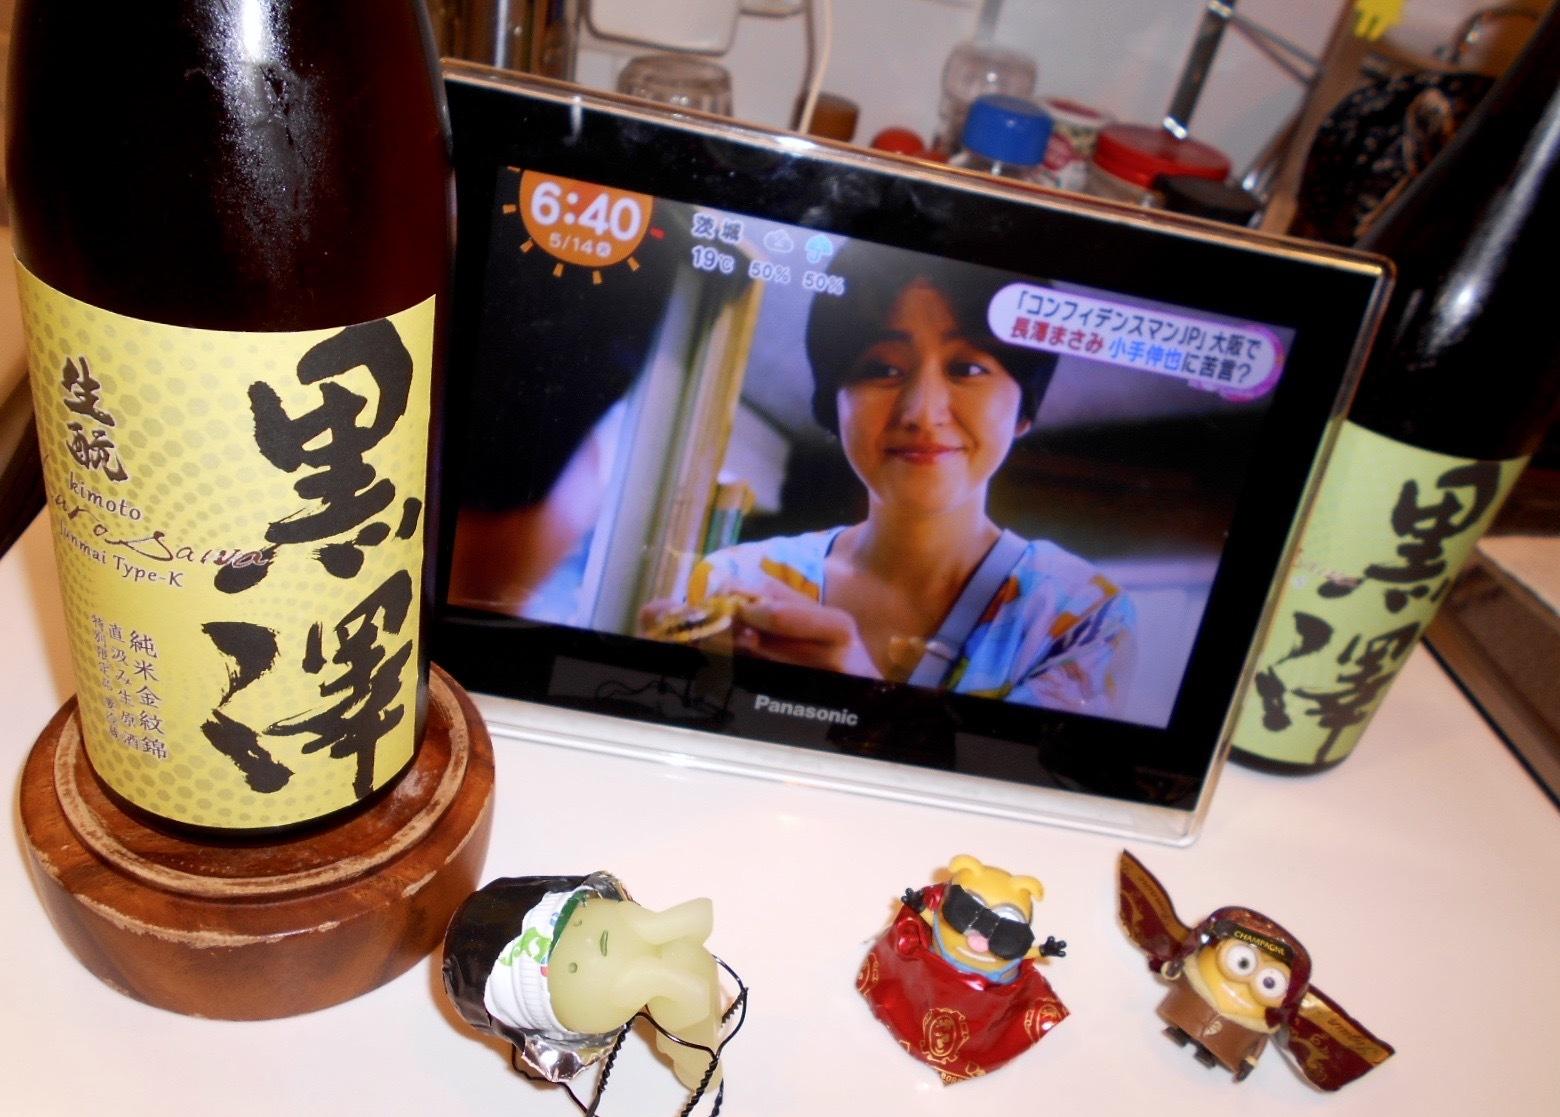 kurosawa_type-k30by1_1.jpg